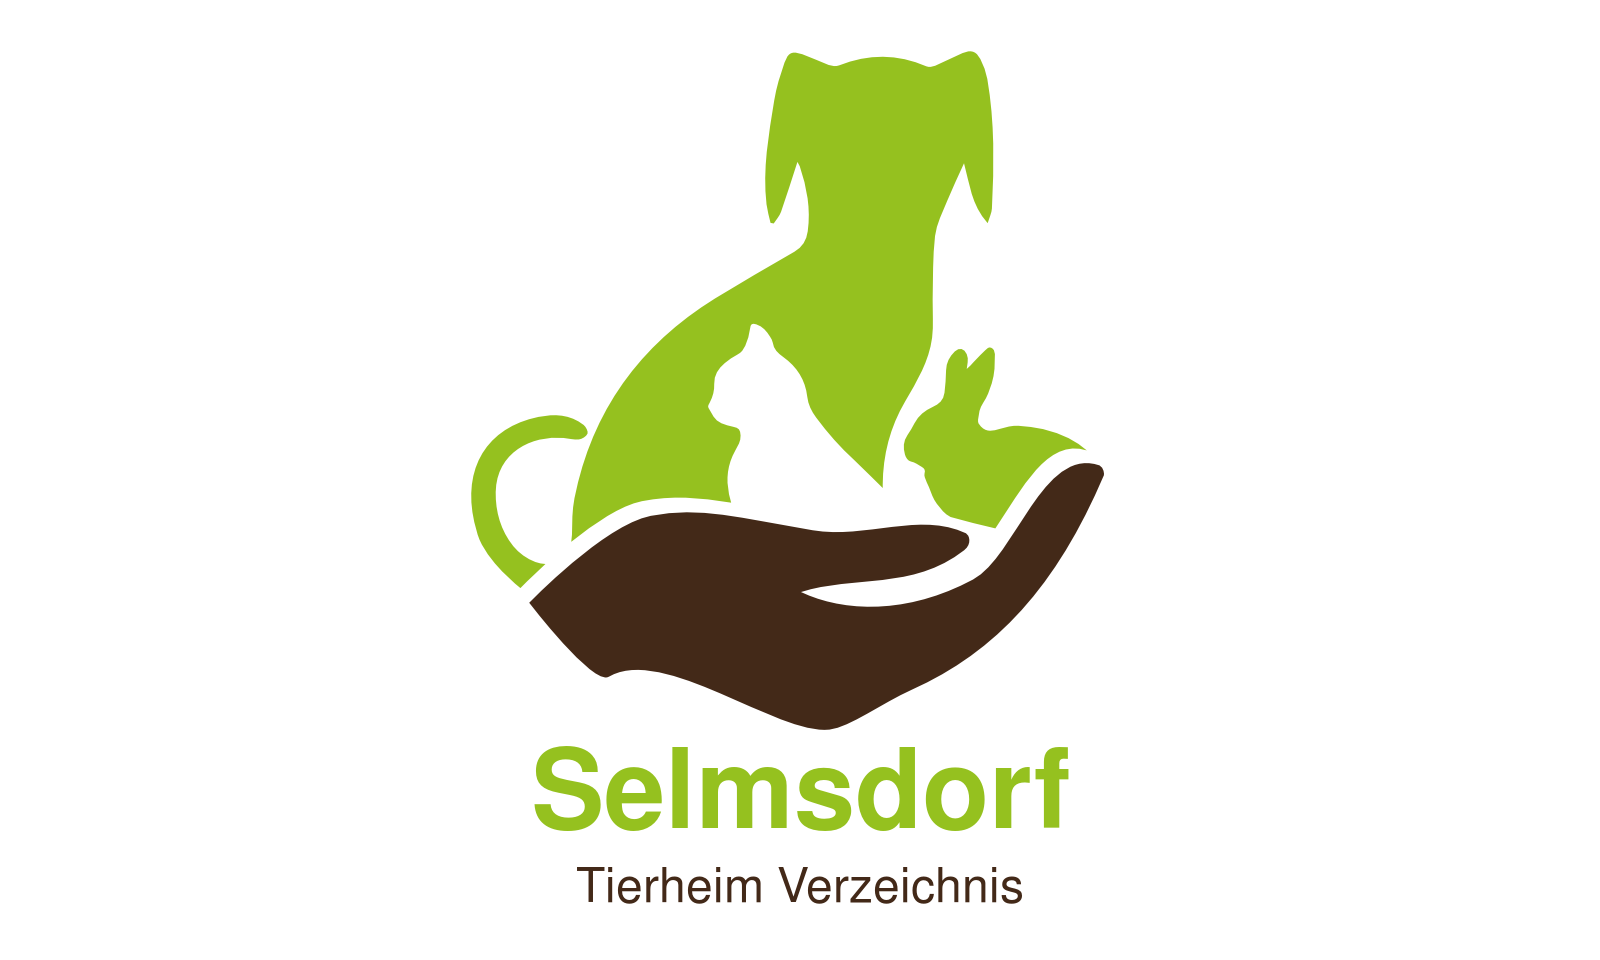 Tierheim Selmsdorf